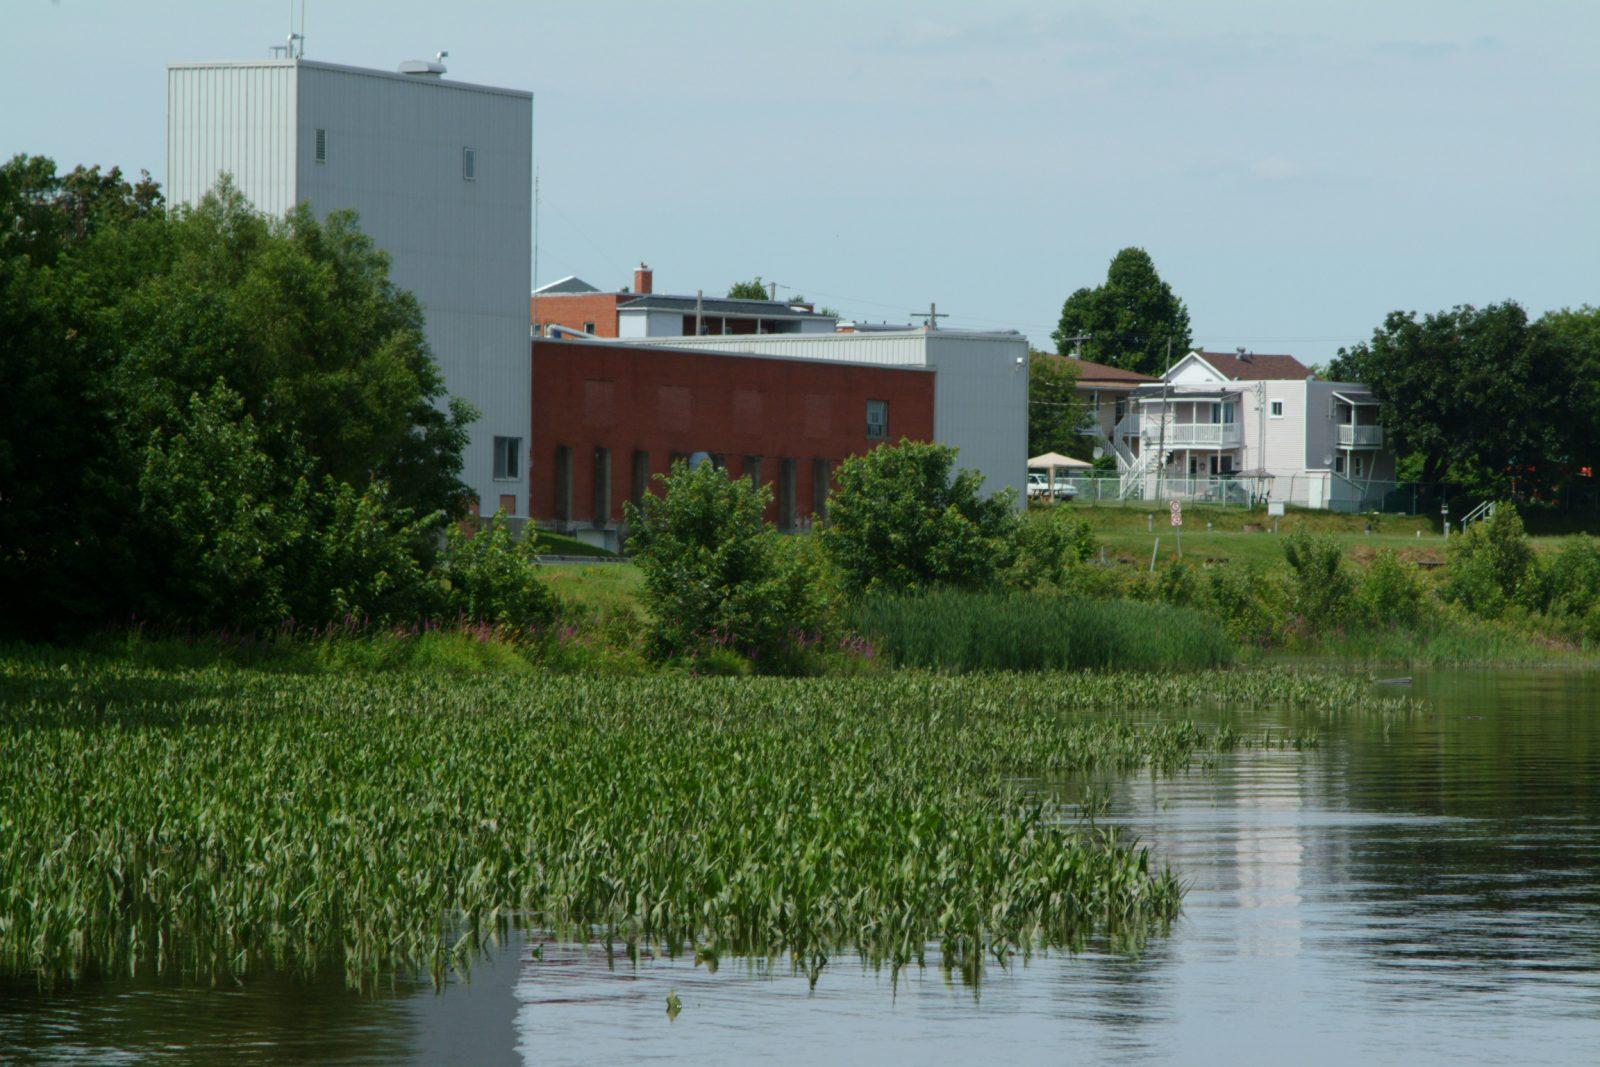 Usine d'eau potable : 2,7 millions pour concevoir les plans et devis